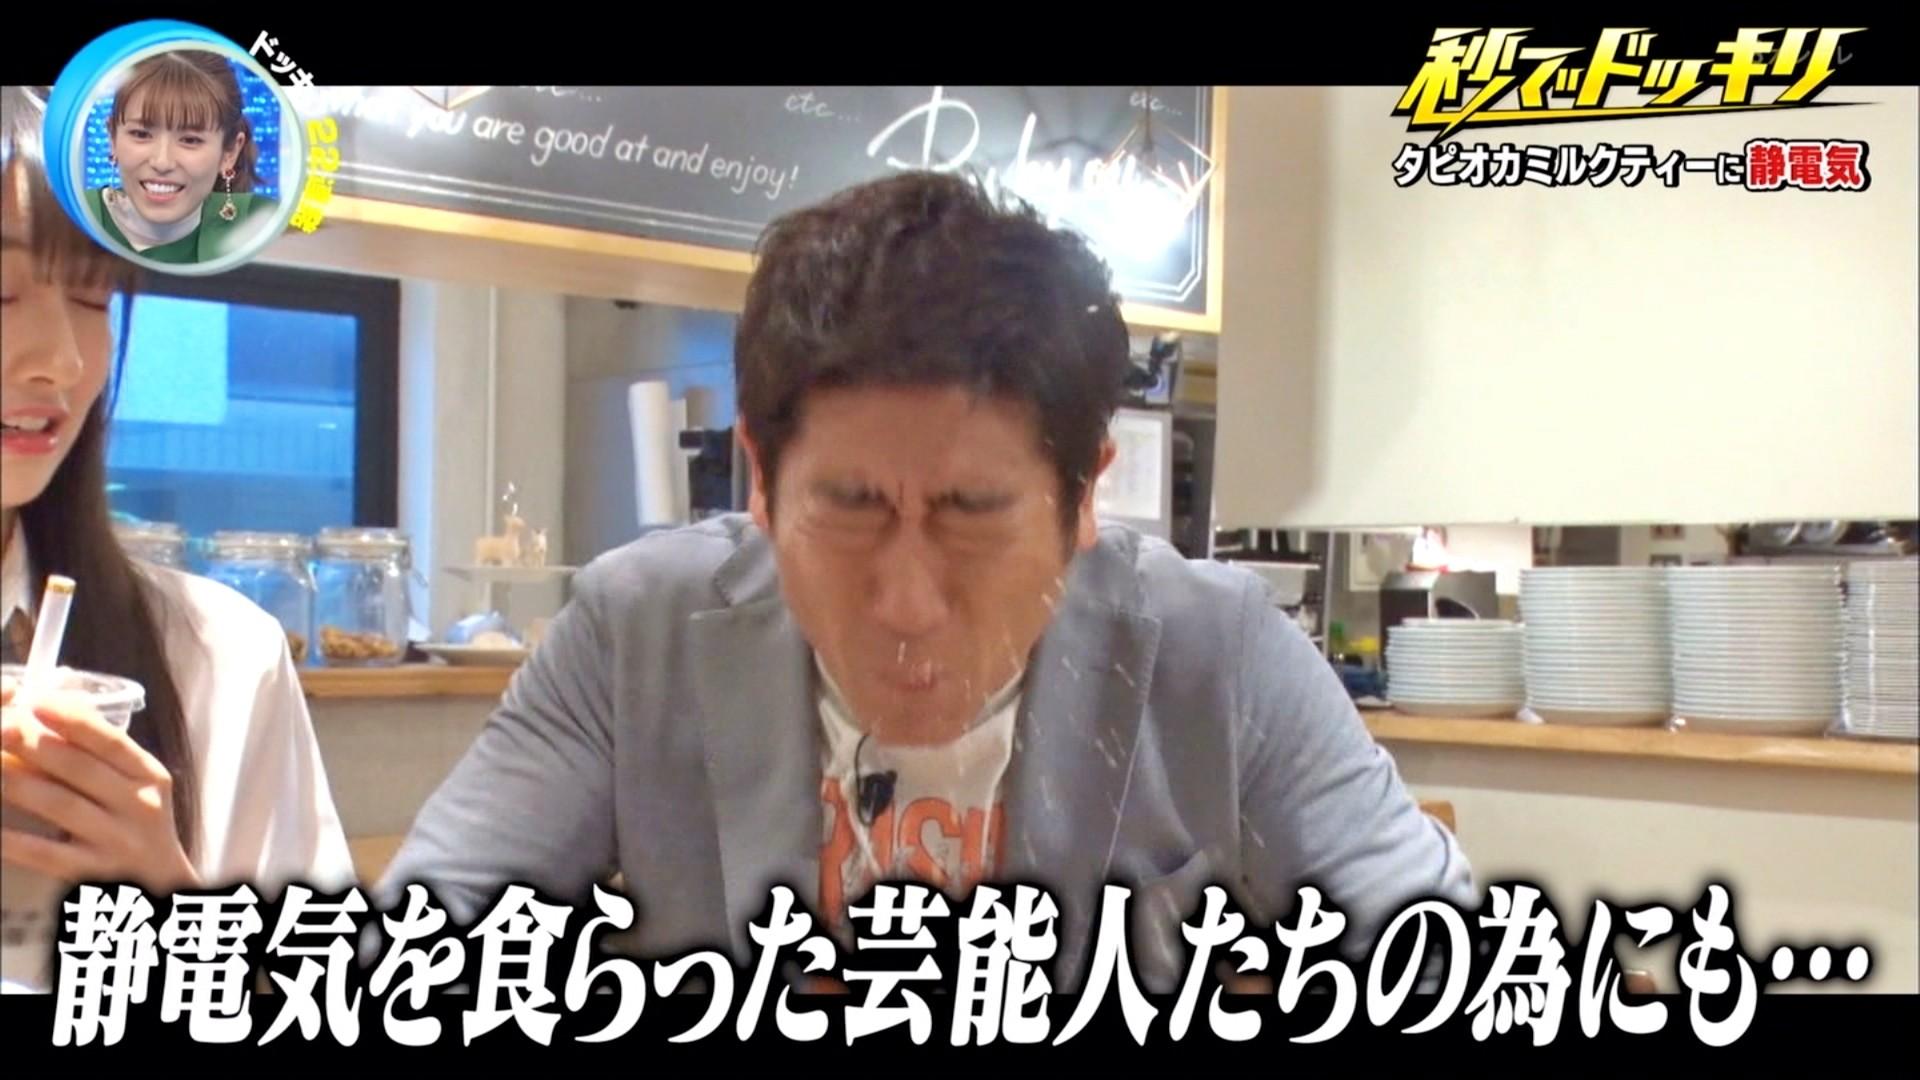 2019年11月30日にフジテレビ系列でほうそうされた「芸能人が本気で考えた!ドッキリGP」に出演したNMB48上西怜・大田莉央奈の画像-037